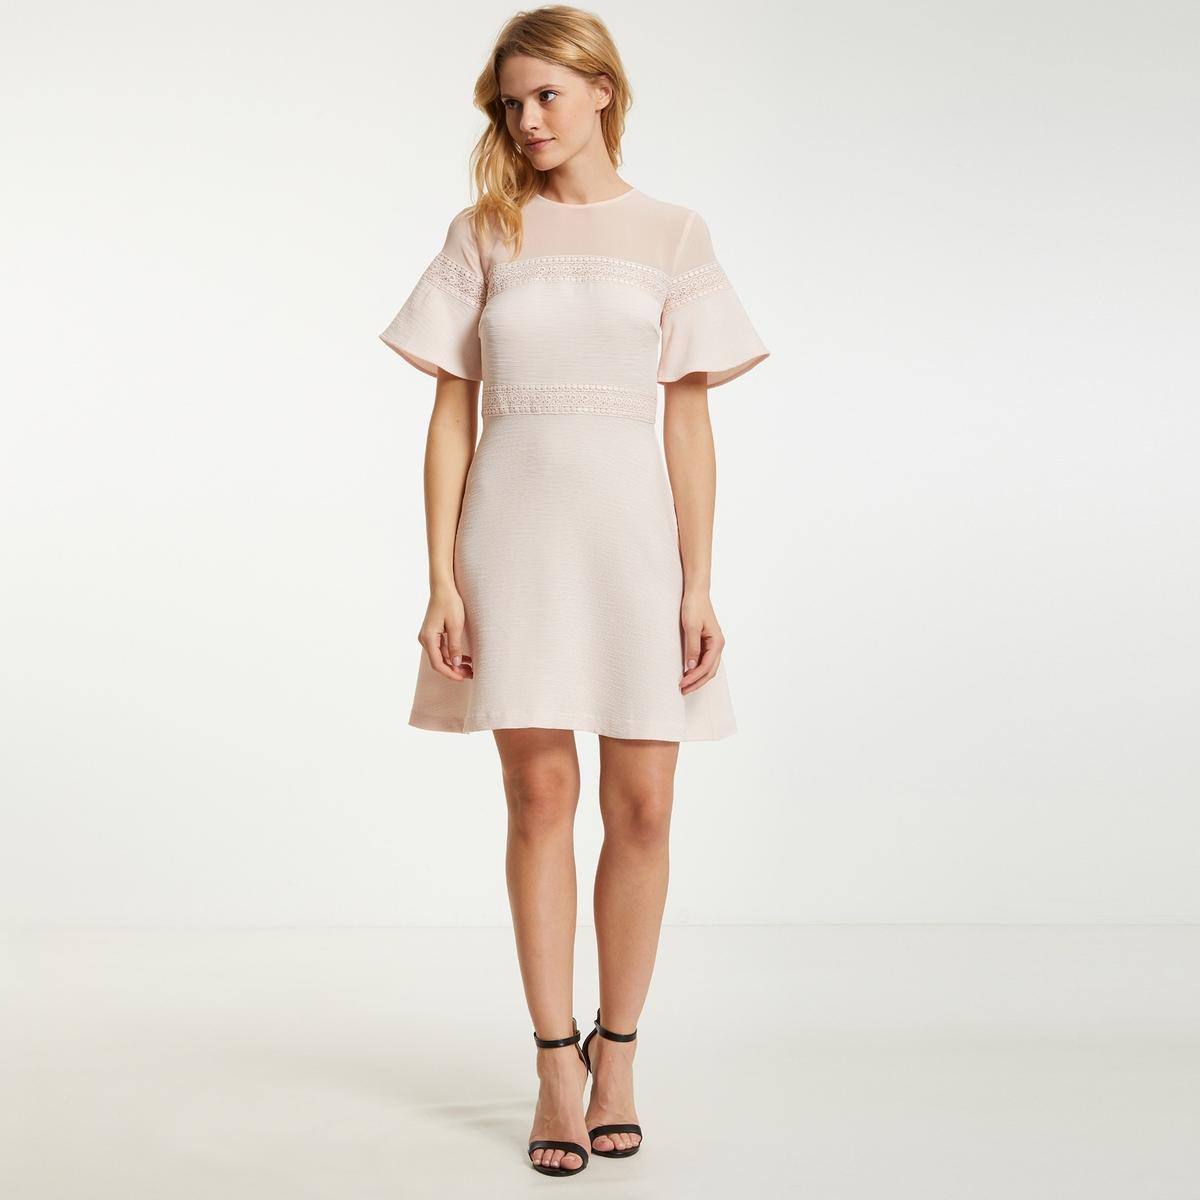 Платье короткое расклешенное однотонное с короткими рукавами платье расклешенное с короткими рукавами